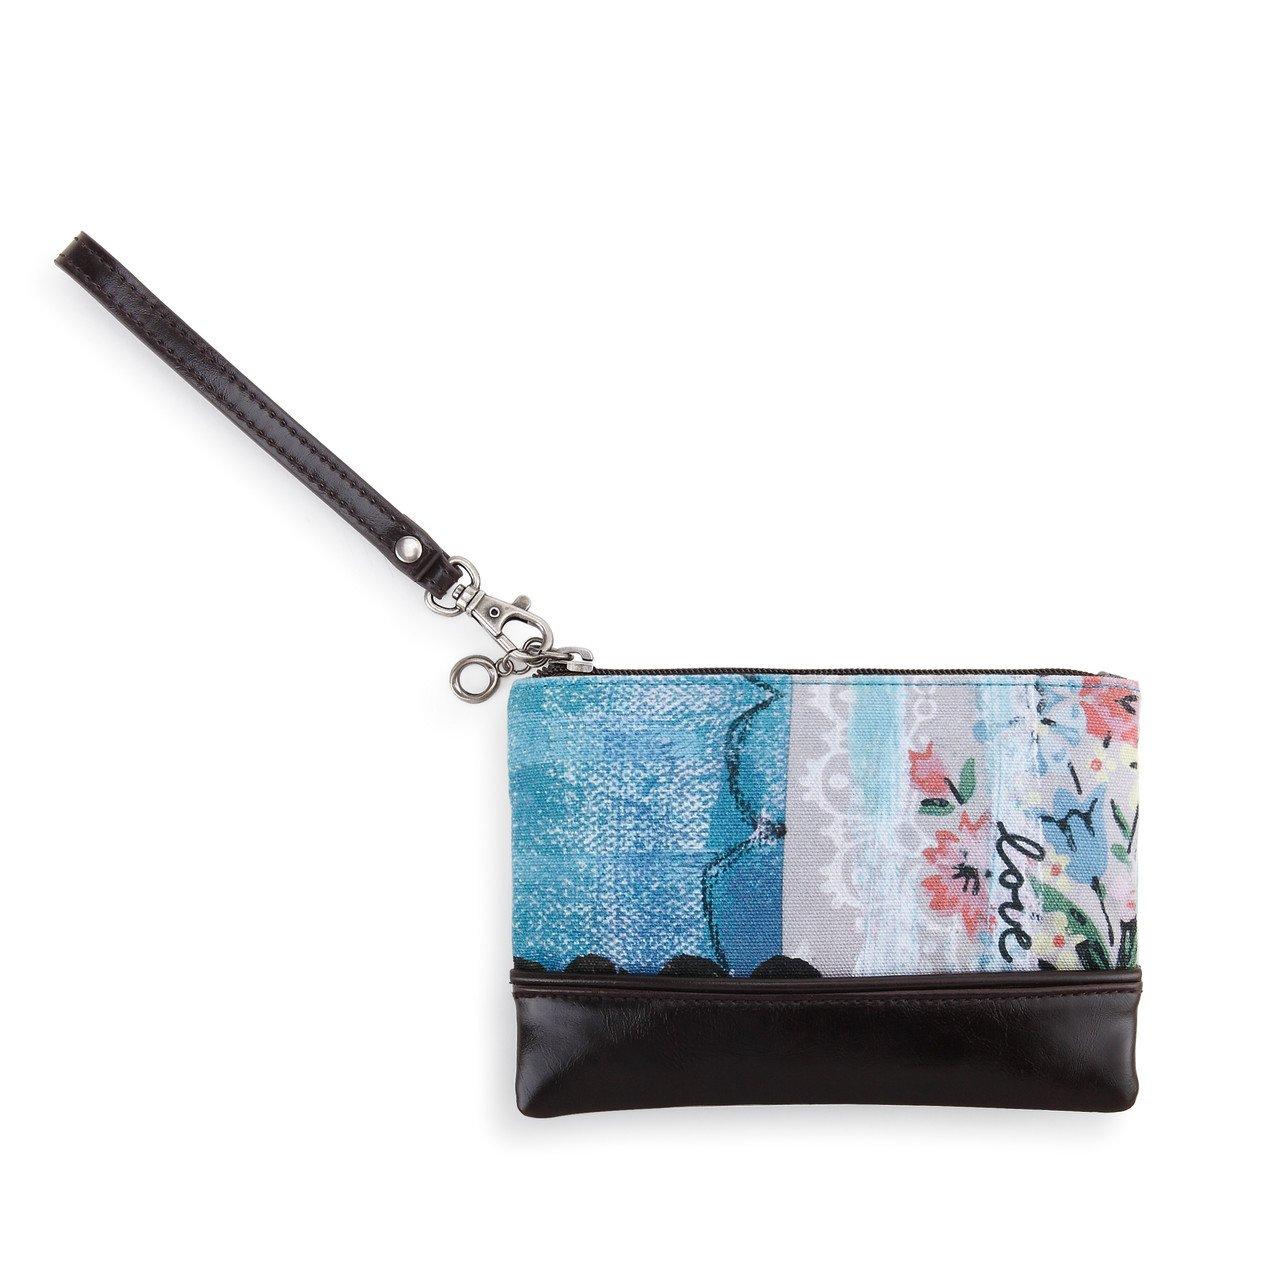 Love Floral Lace Blue Women's 7 x 5 Inch Cotton Canvas Wristlet Clutch